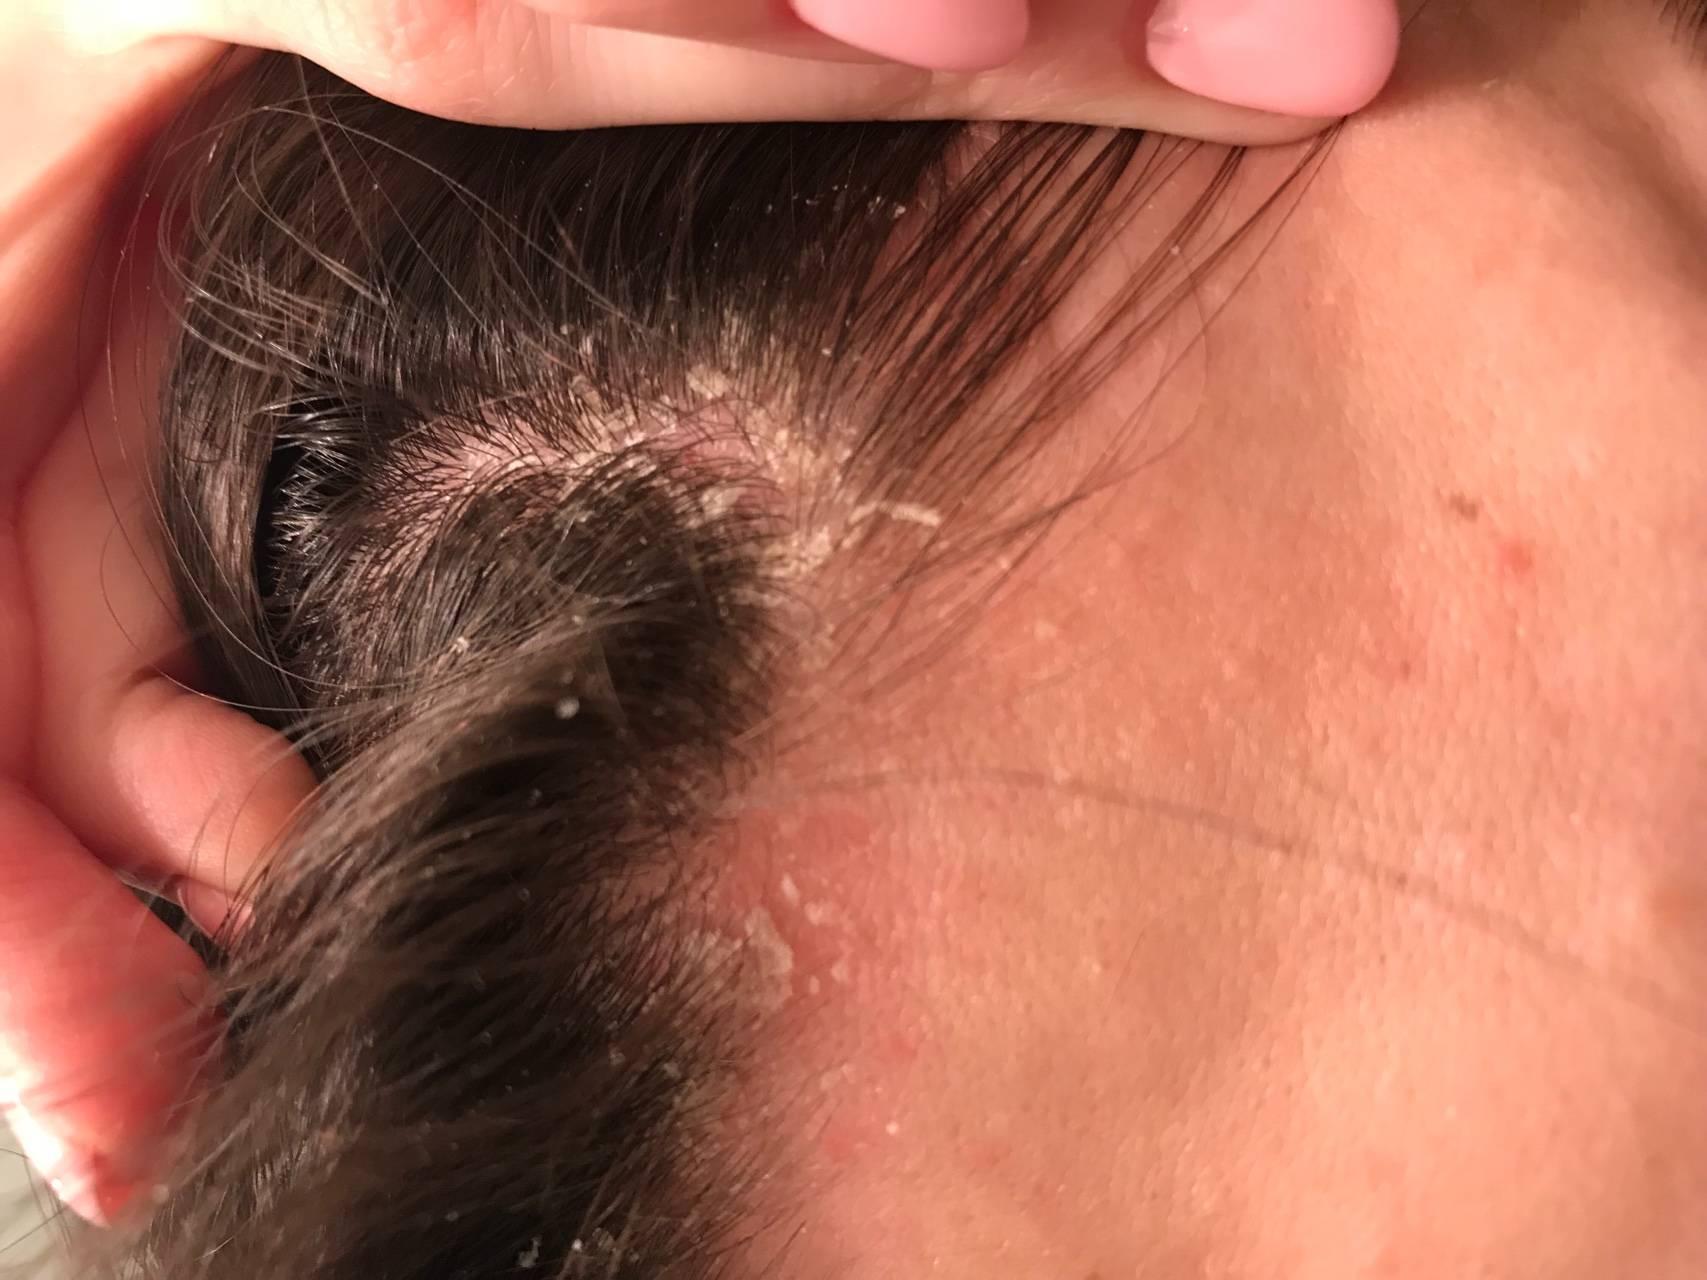 Псориаз в ушах (ушных раковинах): причины, симптомы, диагностика и лечение